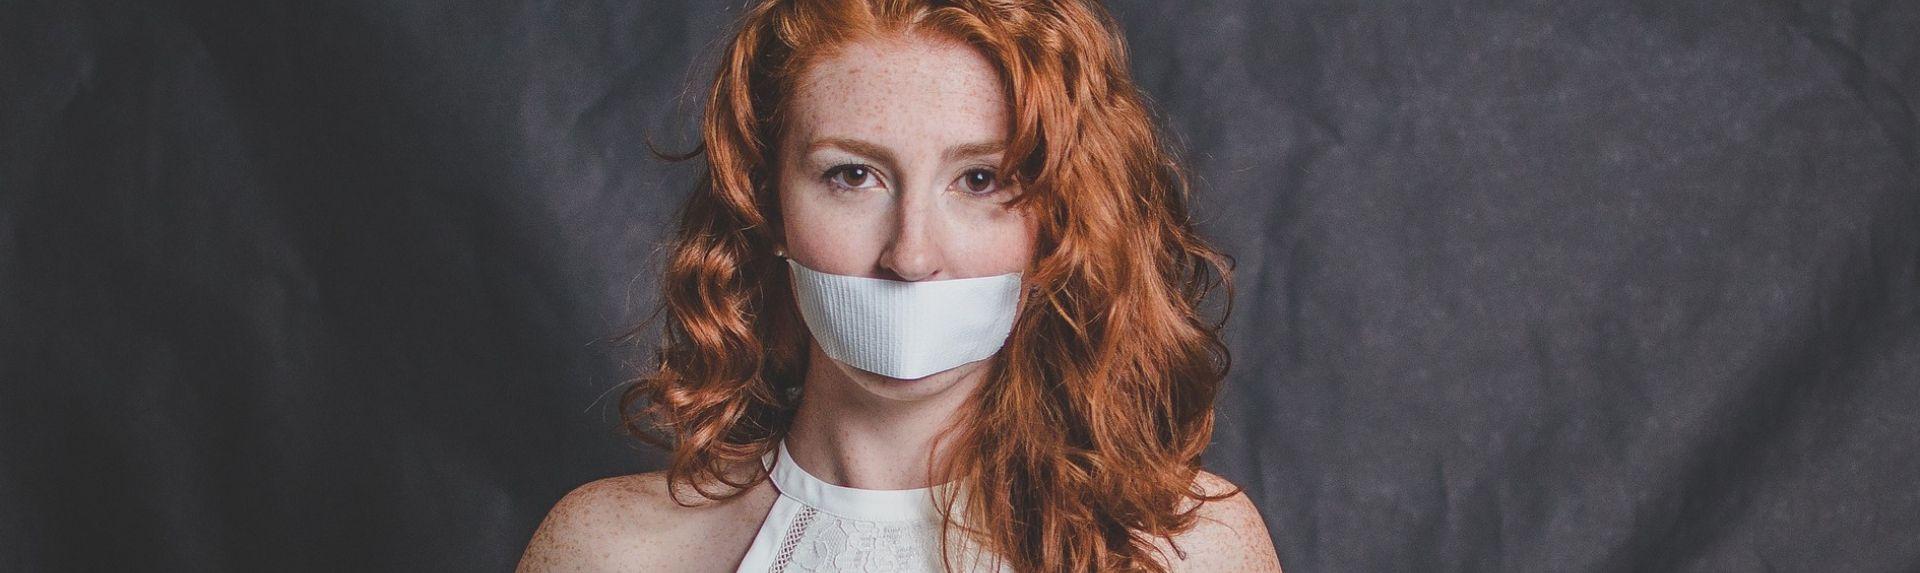 «Мокрая проблема»: непроизвольное мочеиспускание у женщин 45+